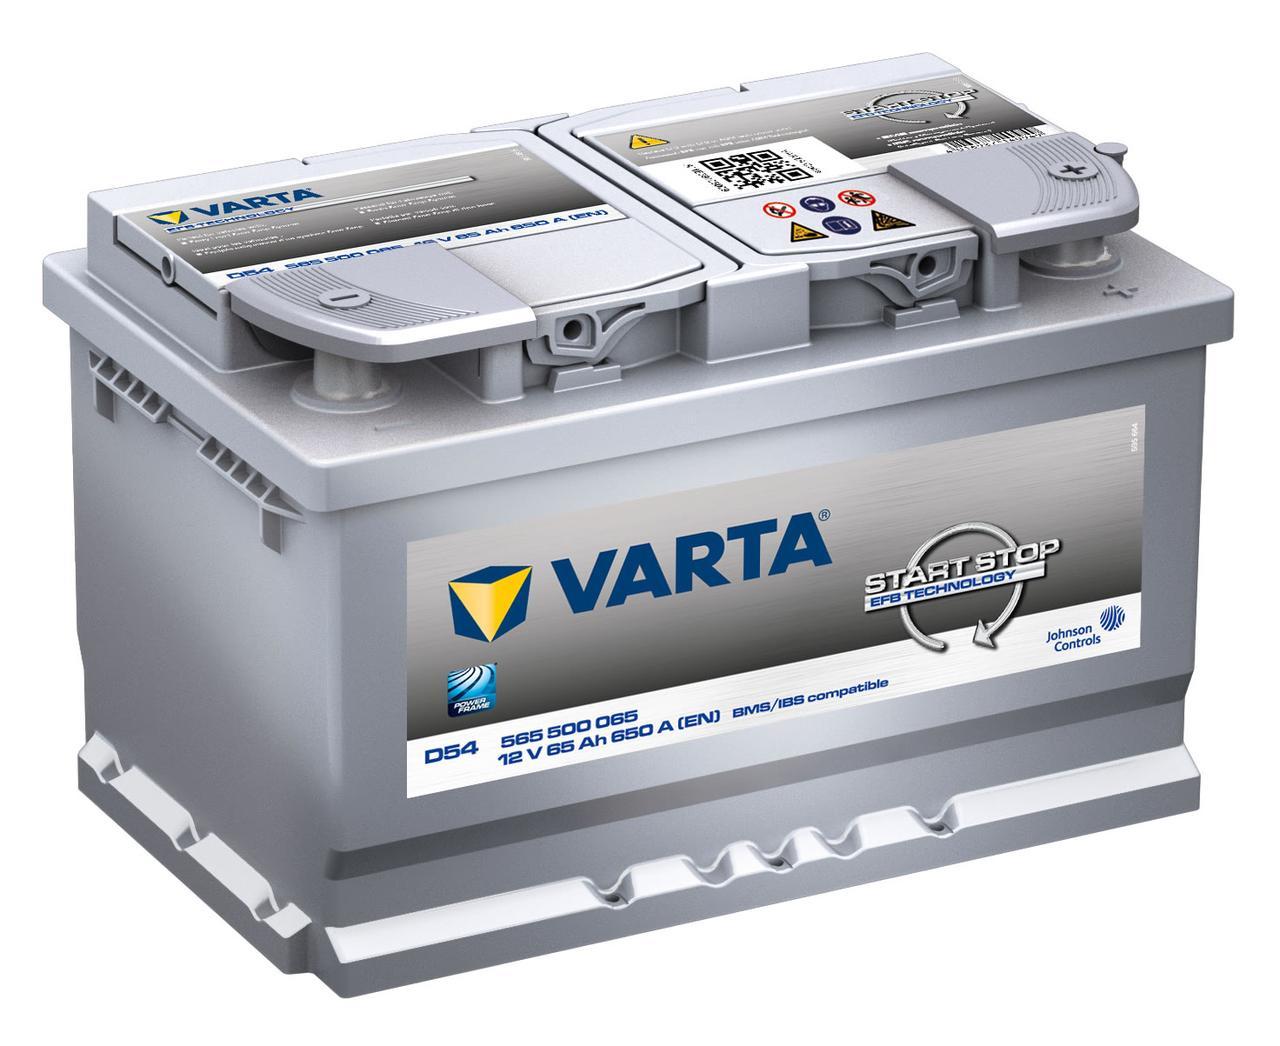 VARTA 6СТ-65 Start-Stop EFB 565500(D54) Автомобильный аккумулятор